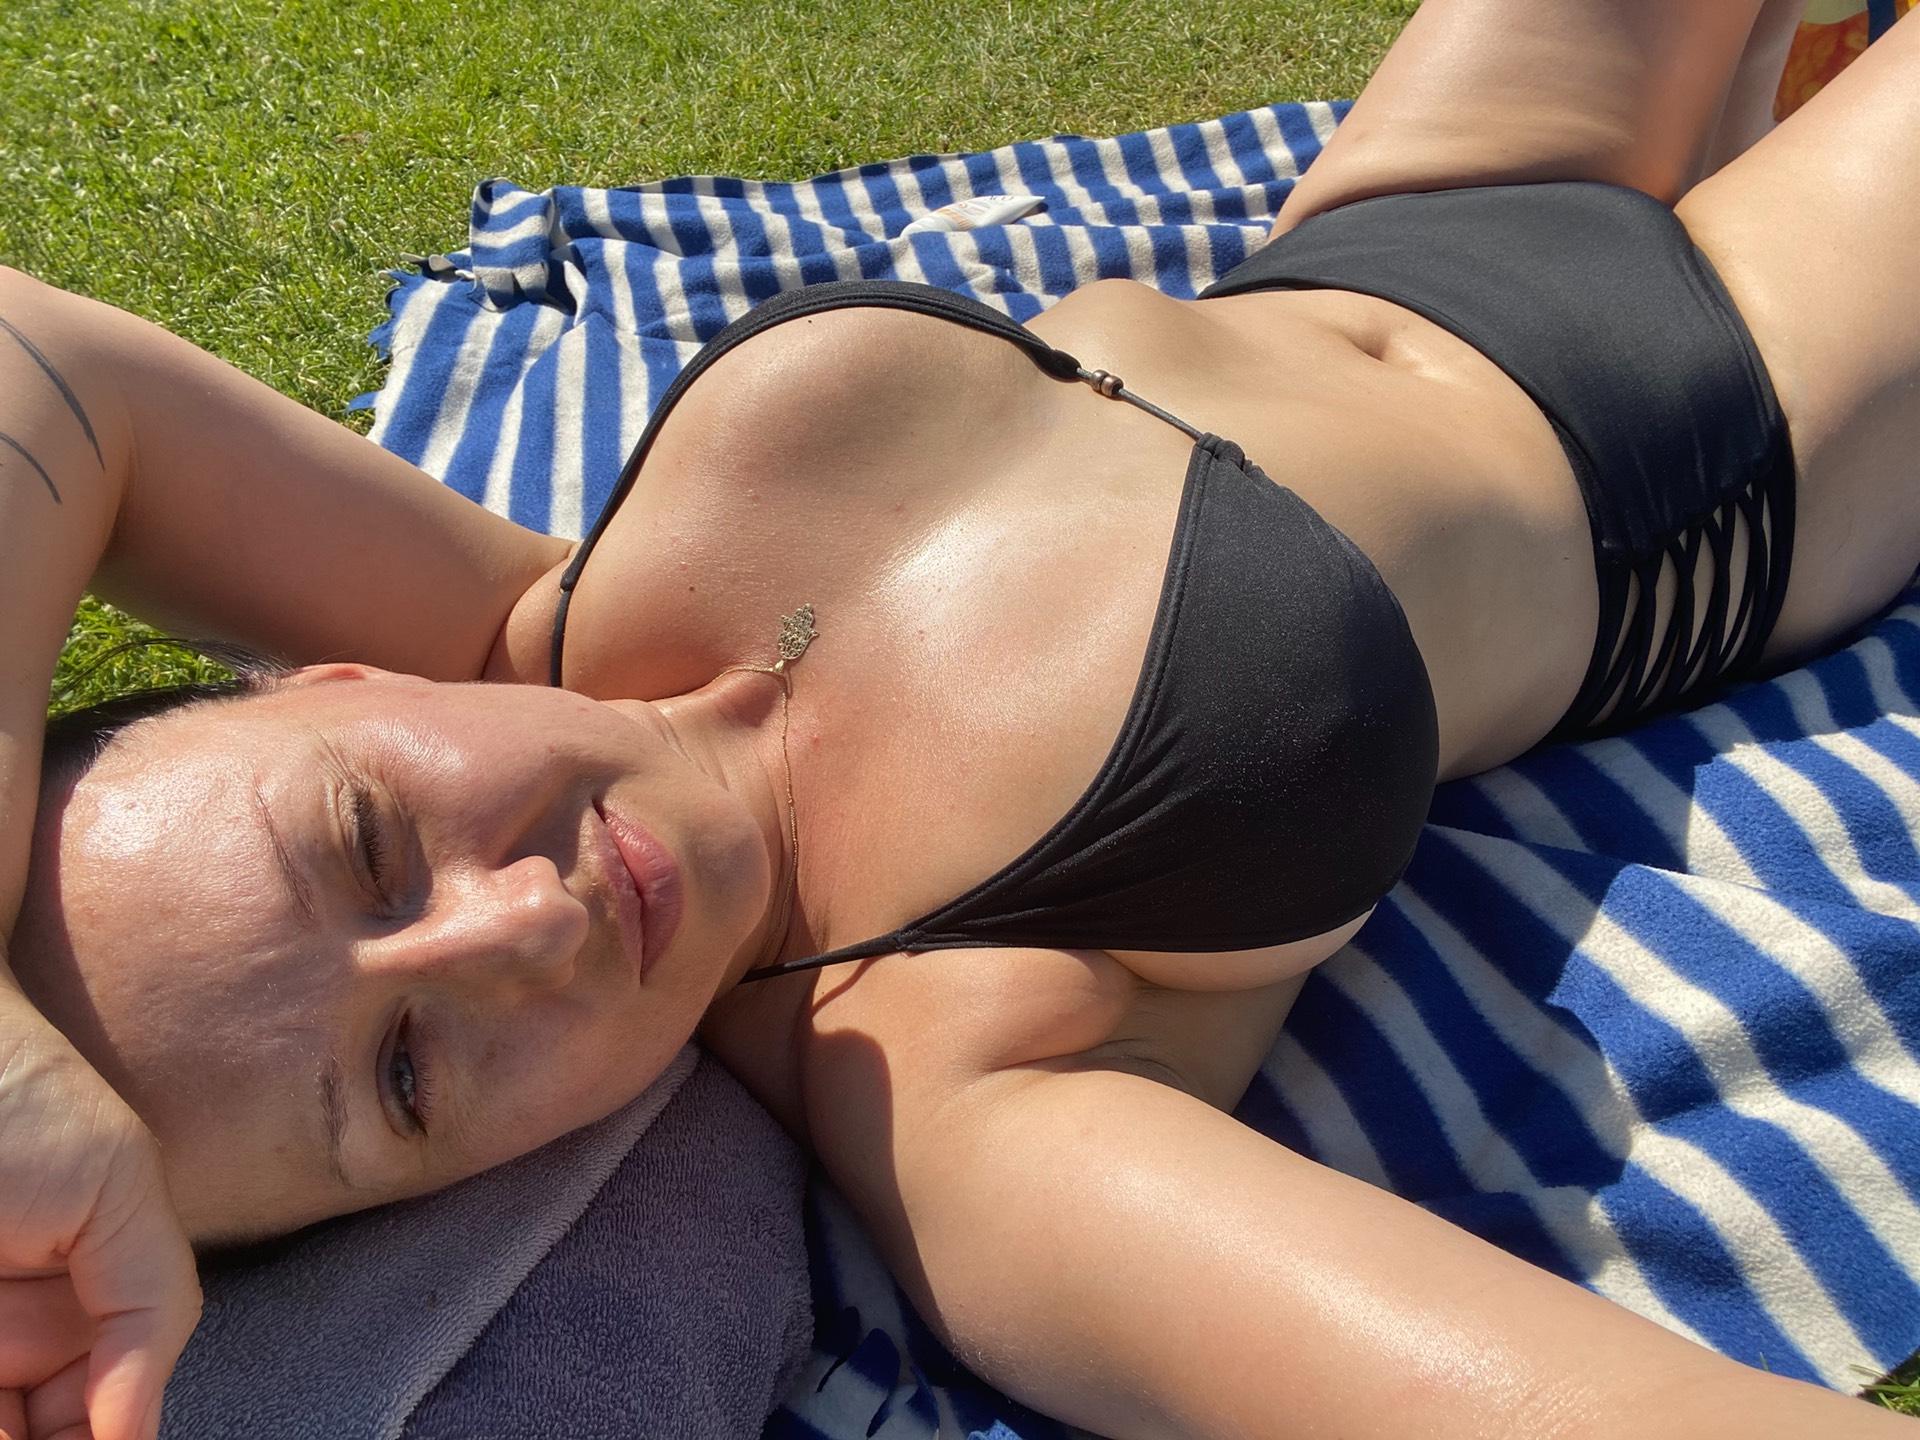 alona_kuusisto_bikinit